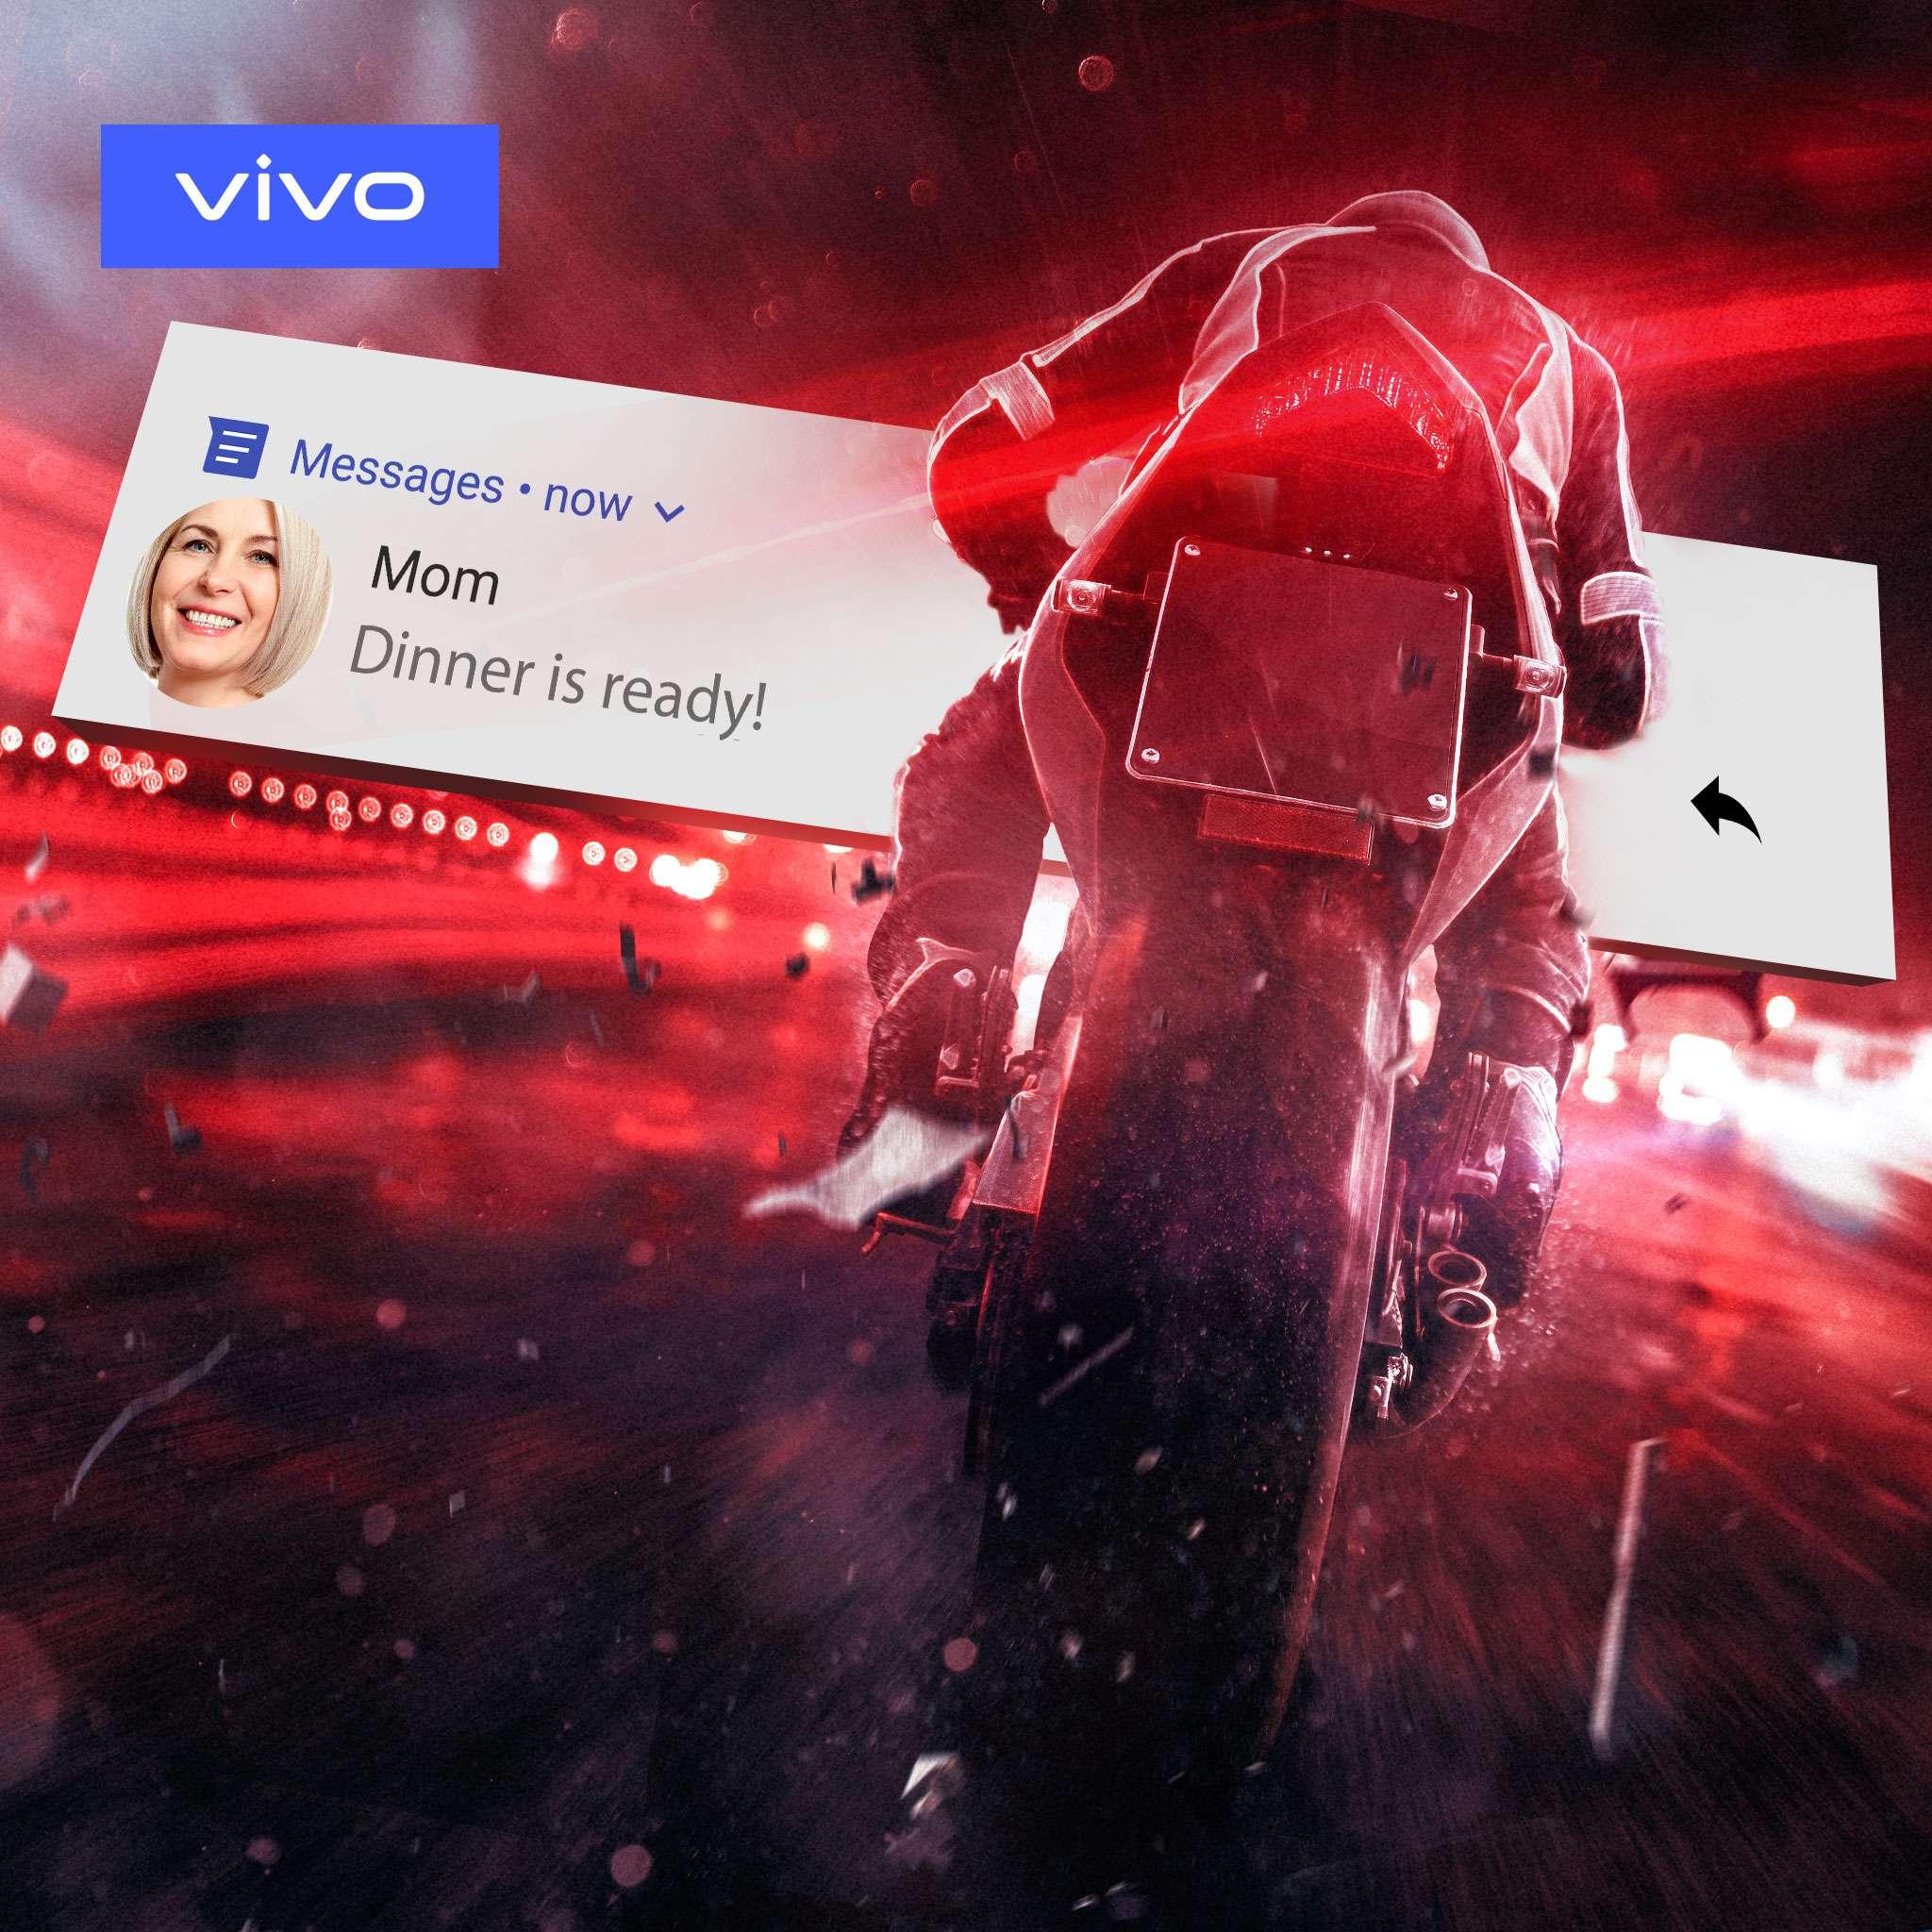 Vivo_socialPost_NonPUBG_Moto